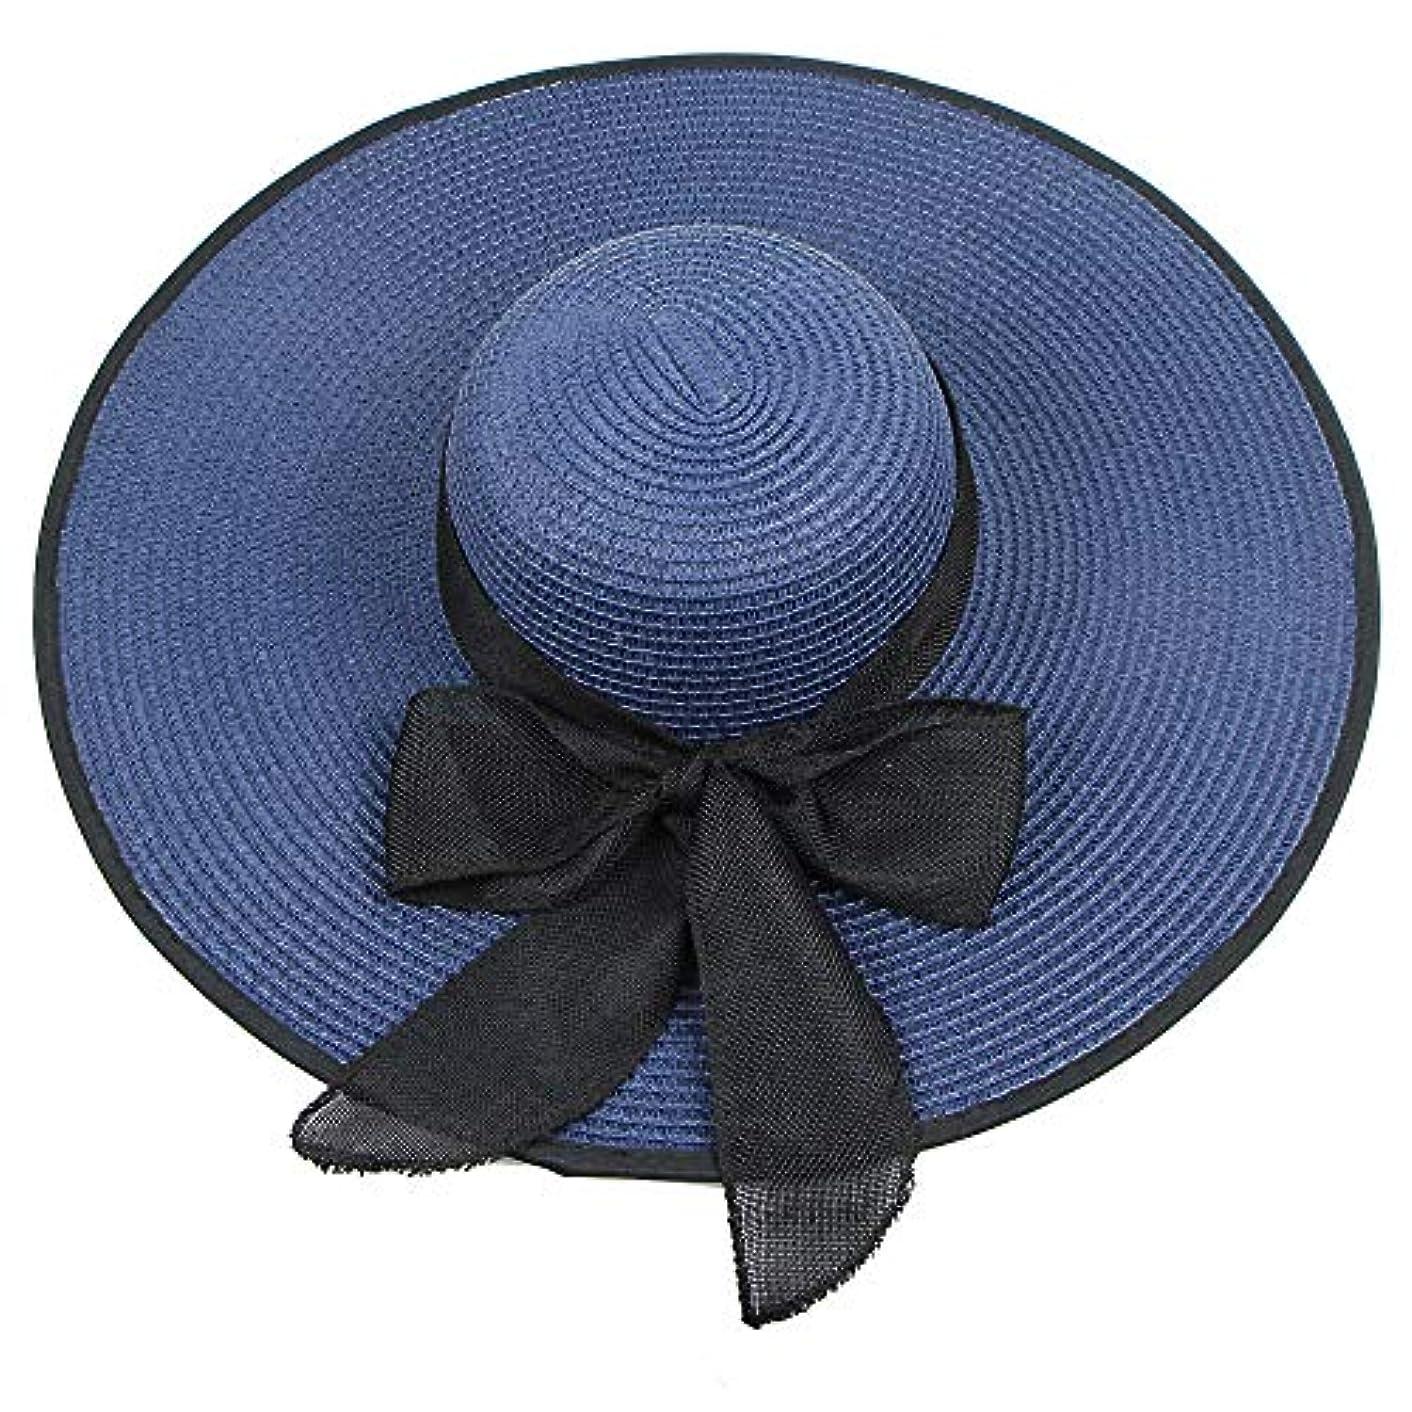 推測するコミュニケーション農業のUVカット 帽子 ハット レディース つば広 折りたたみ 持ち運び つば広 調節テープ 吸汗通気 紫外線対策 おしゃれ 可愛い ハット 旅行用 日よけ 夏季 女優帽 小顔効果抜群 花粉対策 小顔 UV対策 ROSE ROMAN